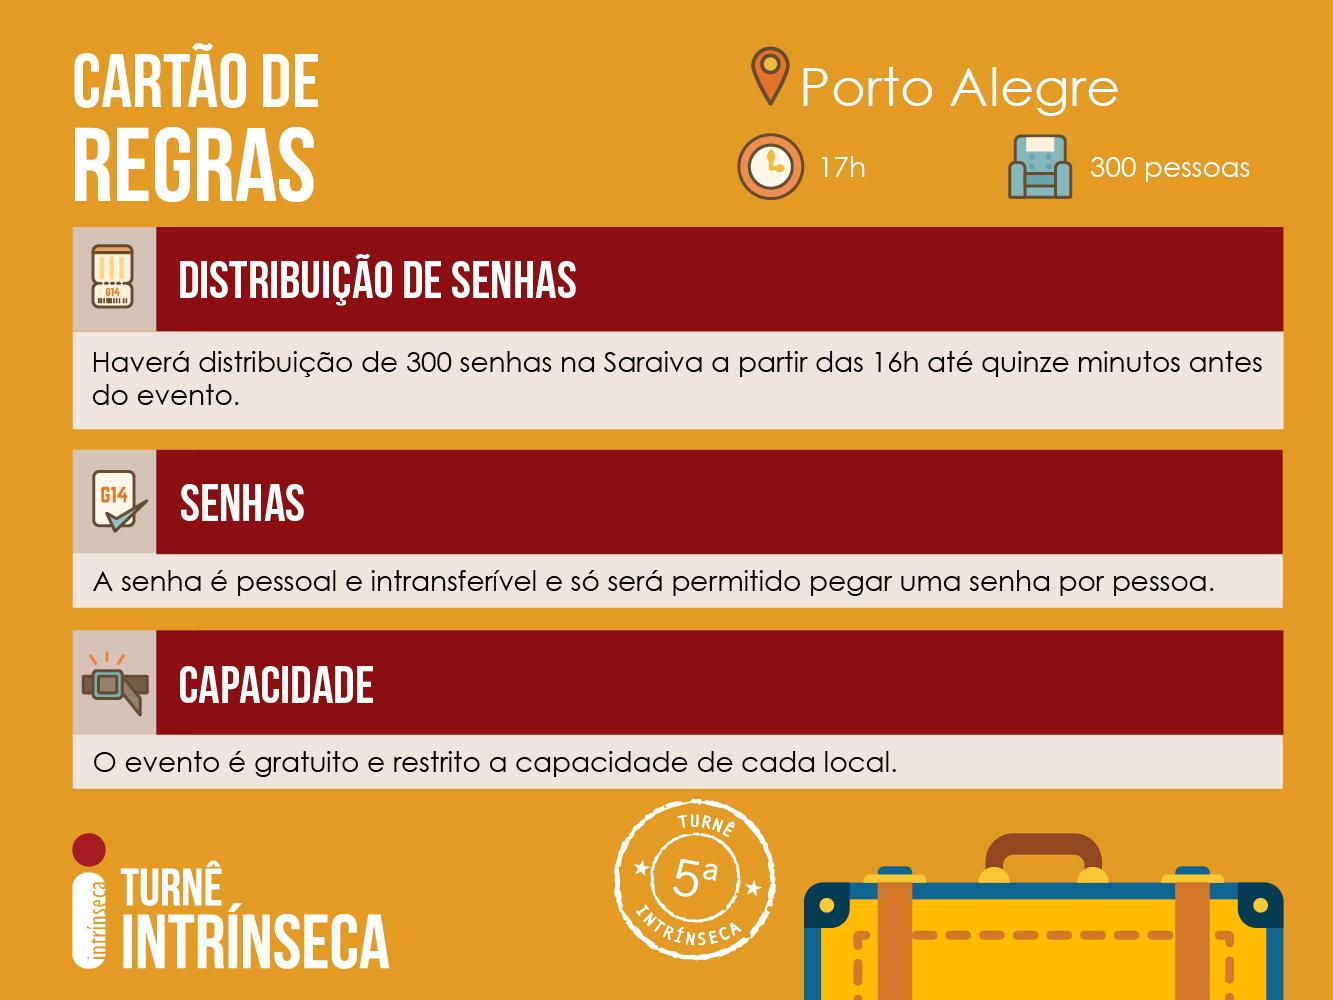 Regras_5aTurne_Porto Alegre